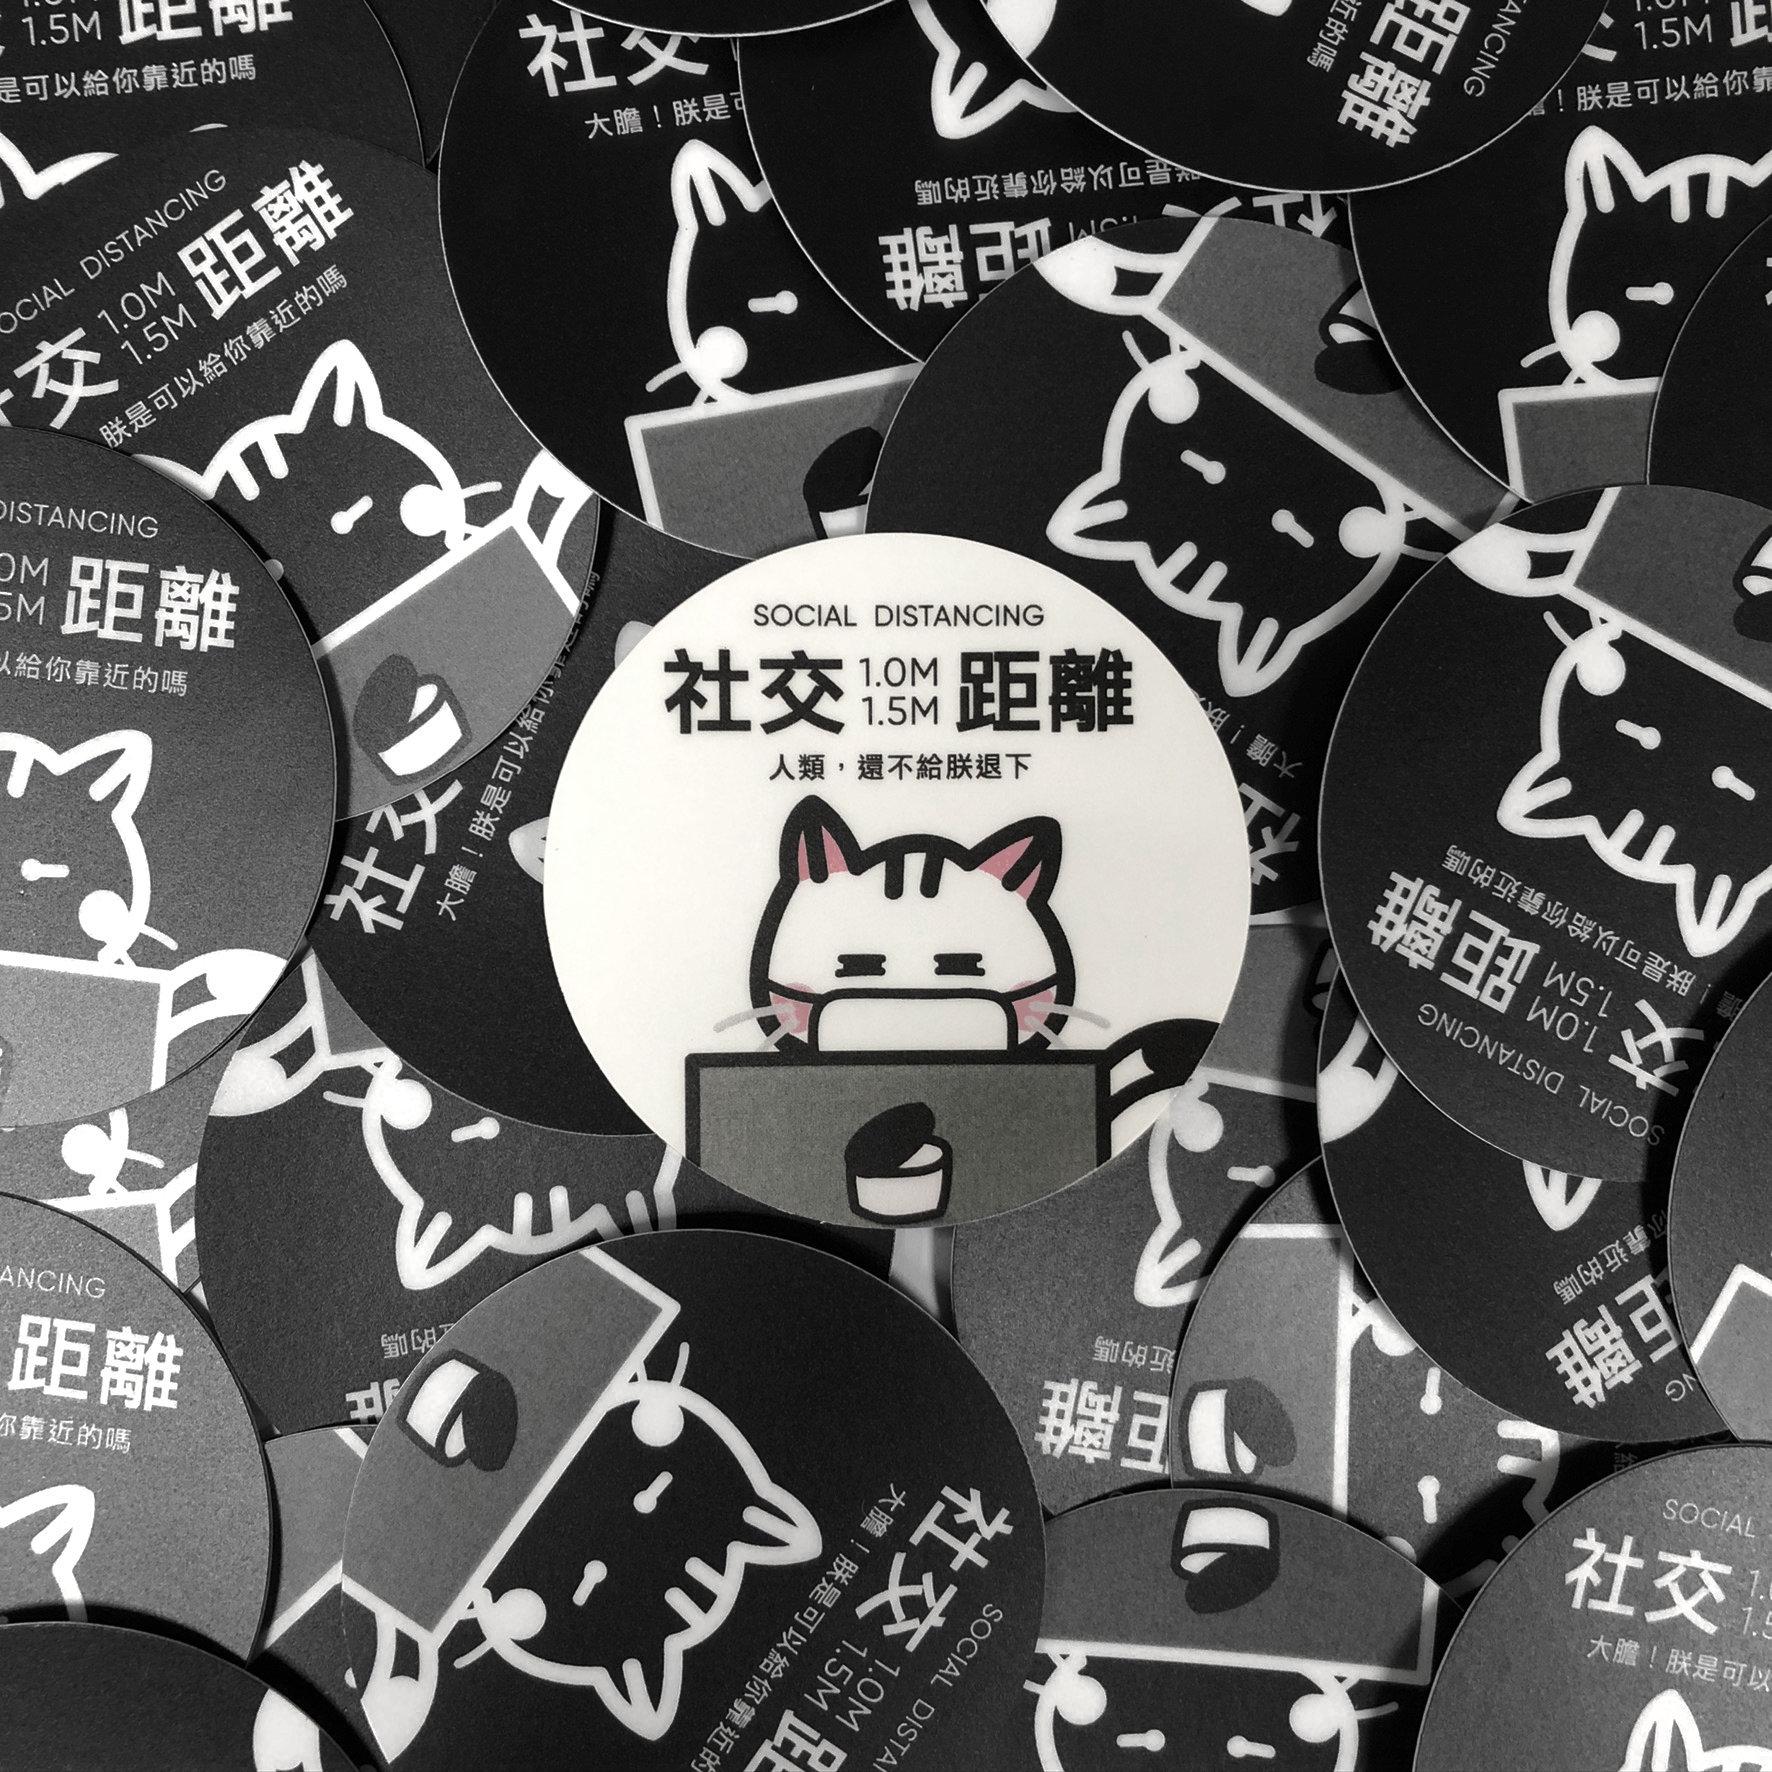 【阿喵與人類的距離】社交距離 / 貼紙 / 白色款-preview-2